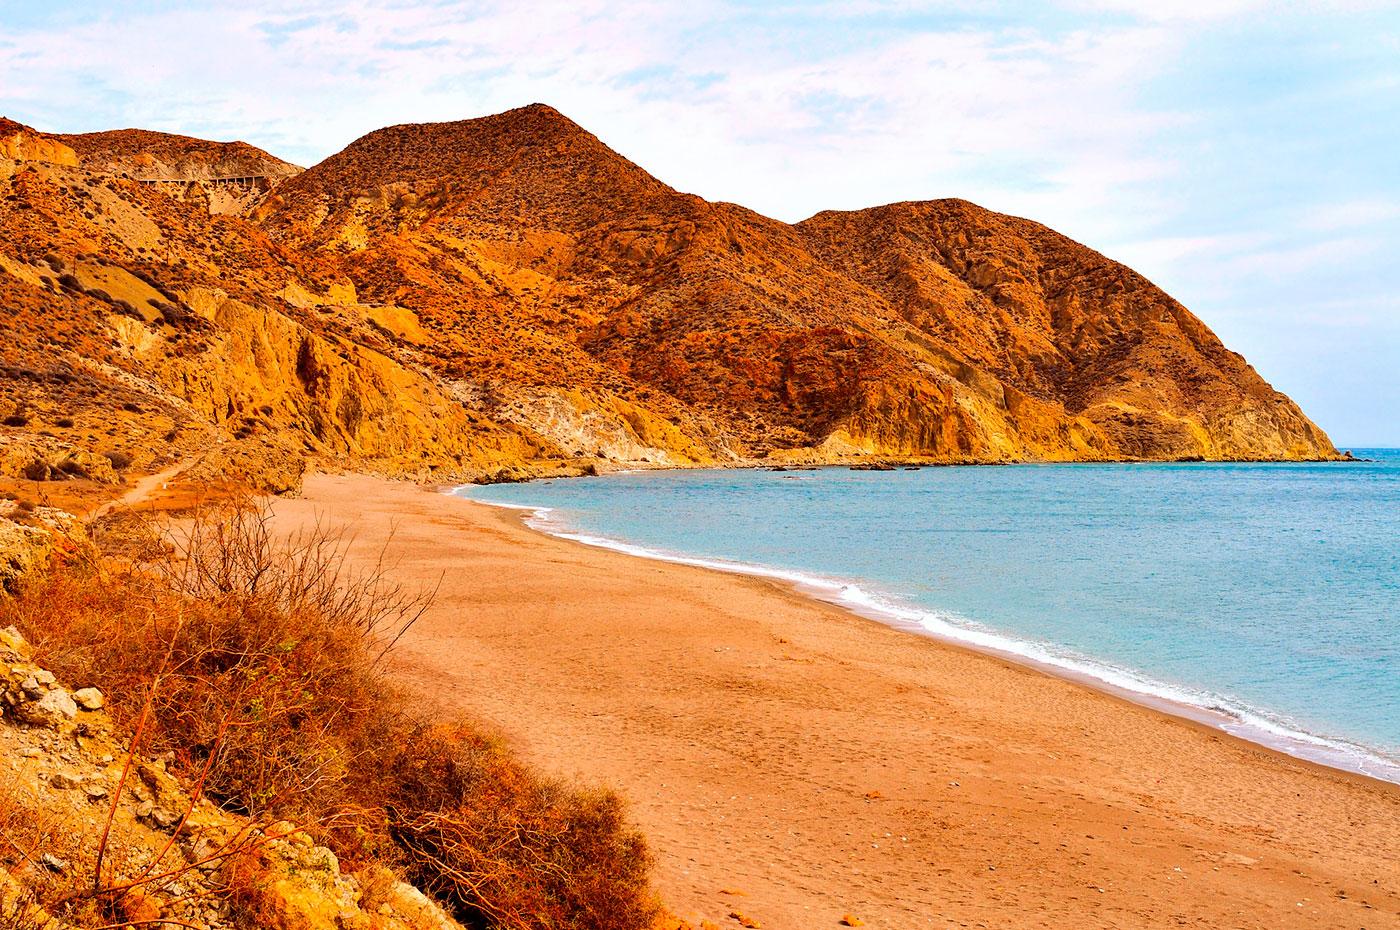 playa-algarrobico-almeria. El Algarrobico, Almería - Lawrence de Arabia